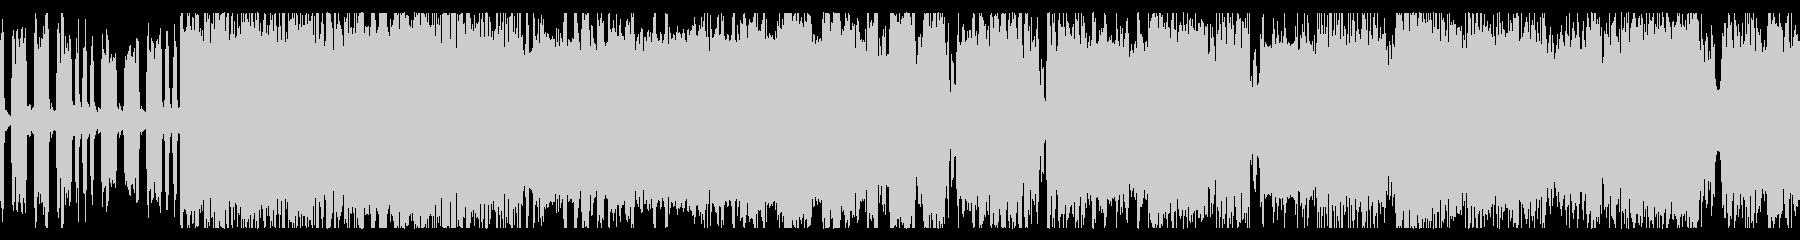 バトル向けな3連リズムのチップチューンの未再生の波形